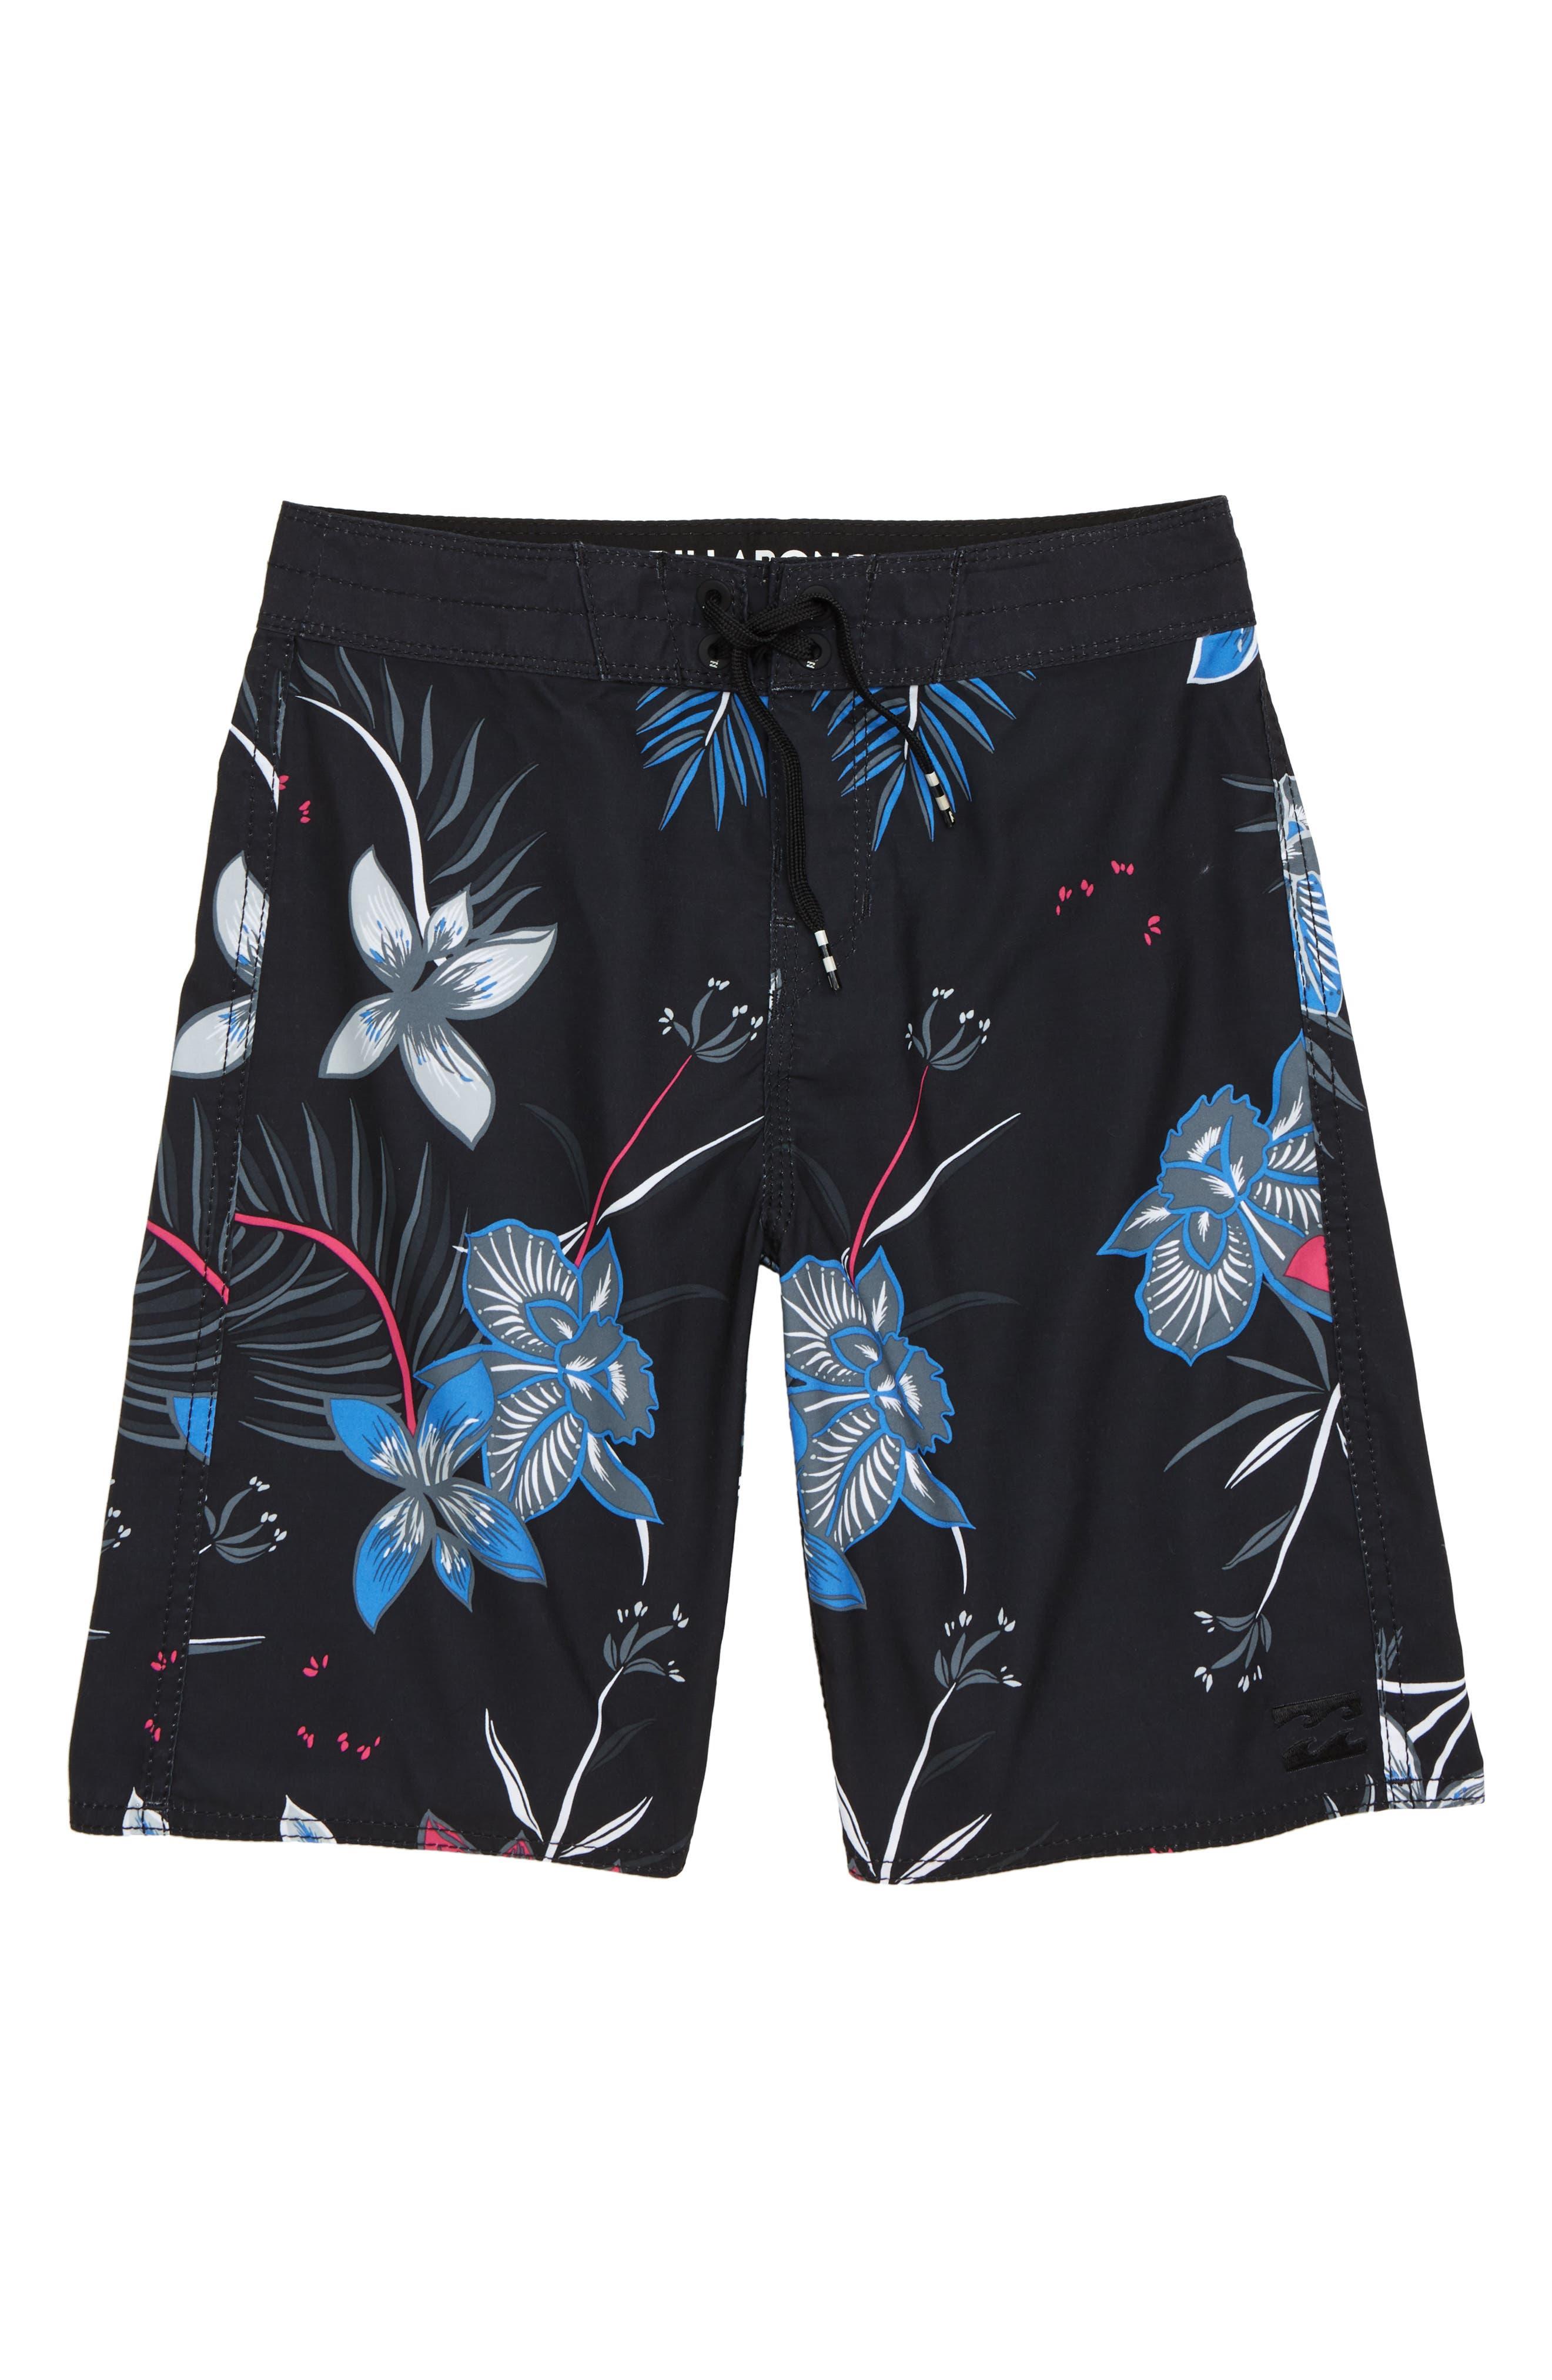 BILLABONG Sundays Board Shorts, Main, color, 002